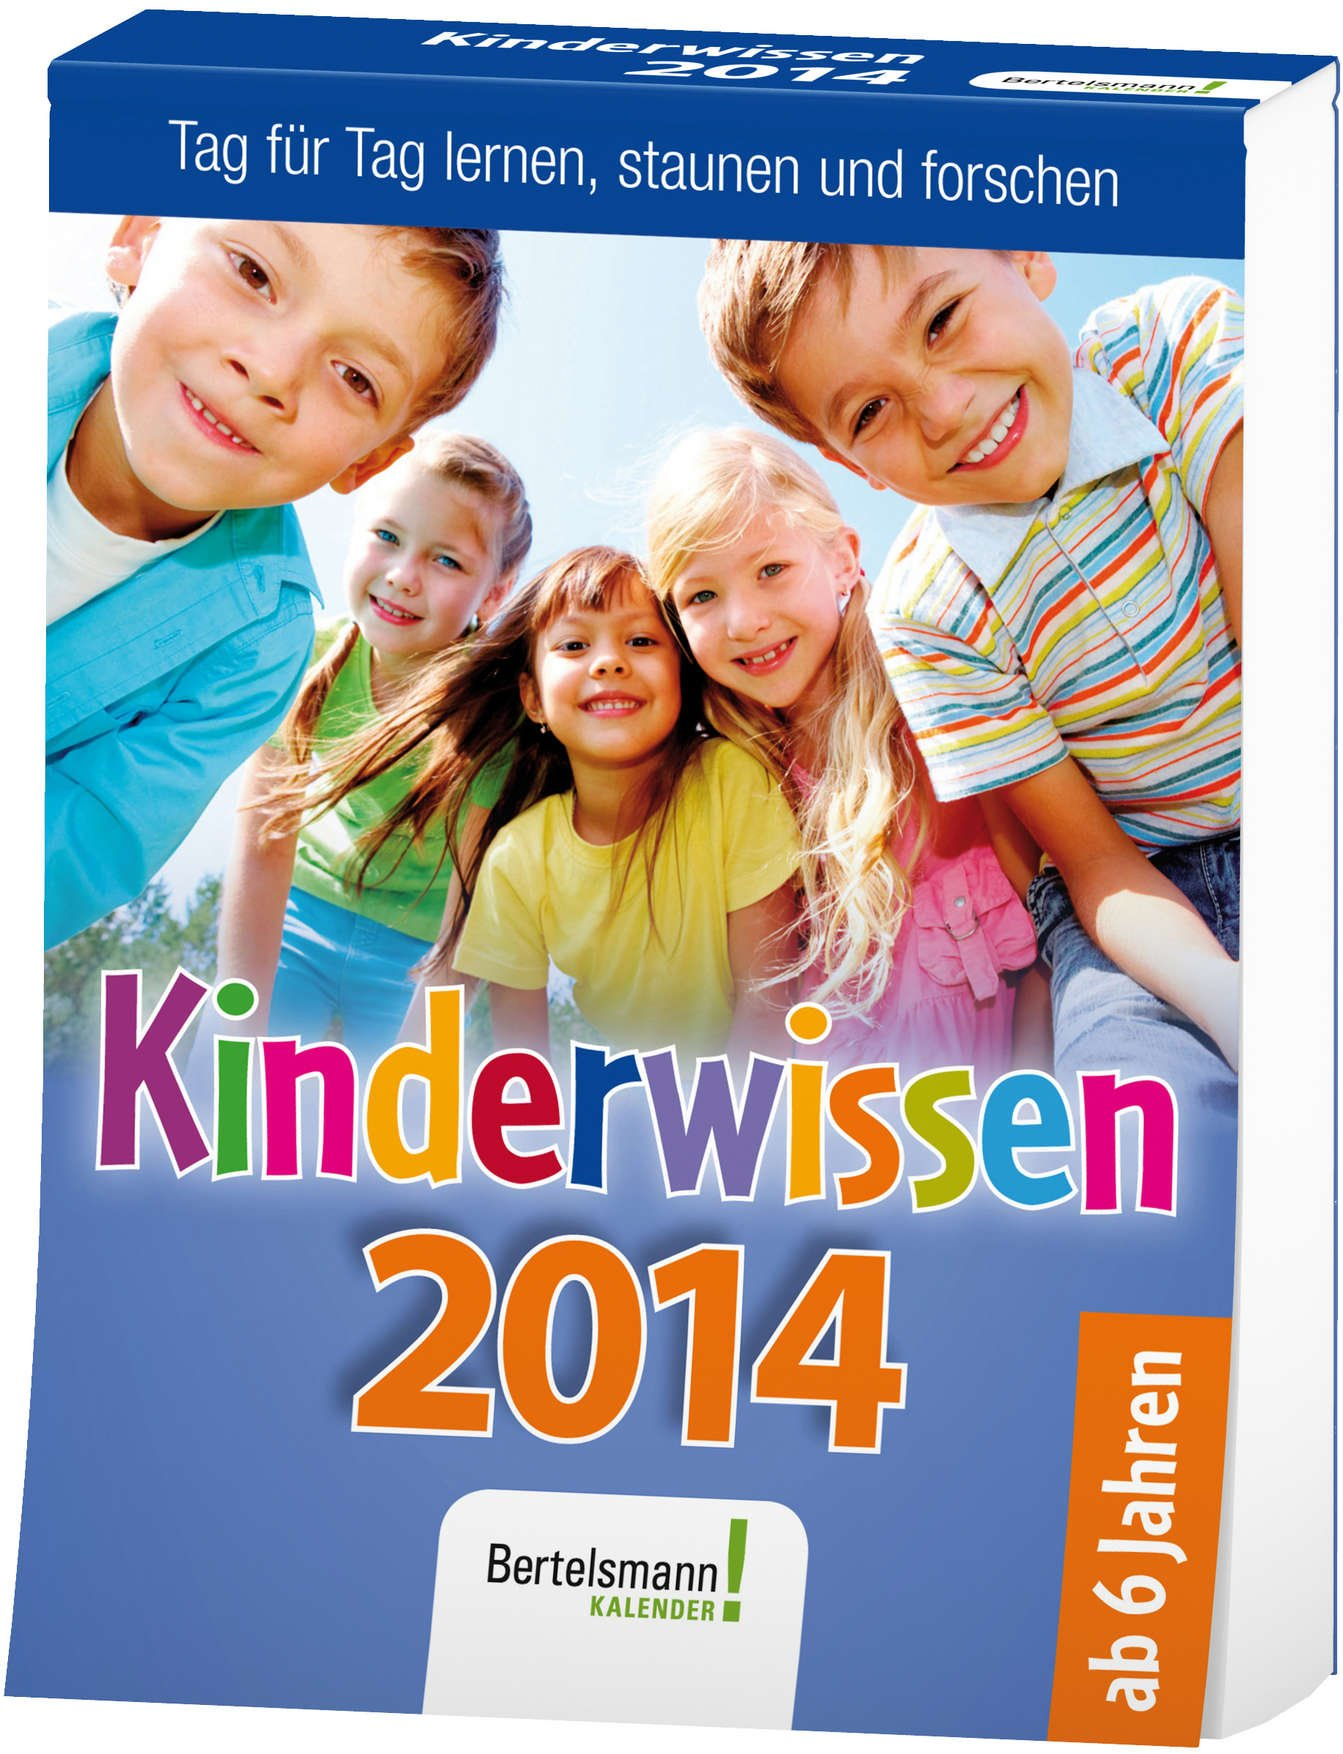 Kinderwissen 2014: Tag für Tag lernen, staunen und forschen